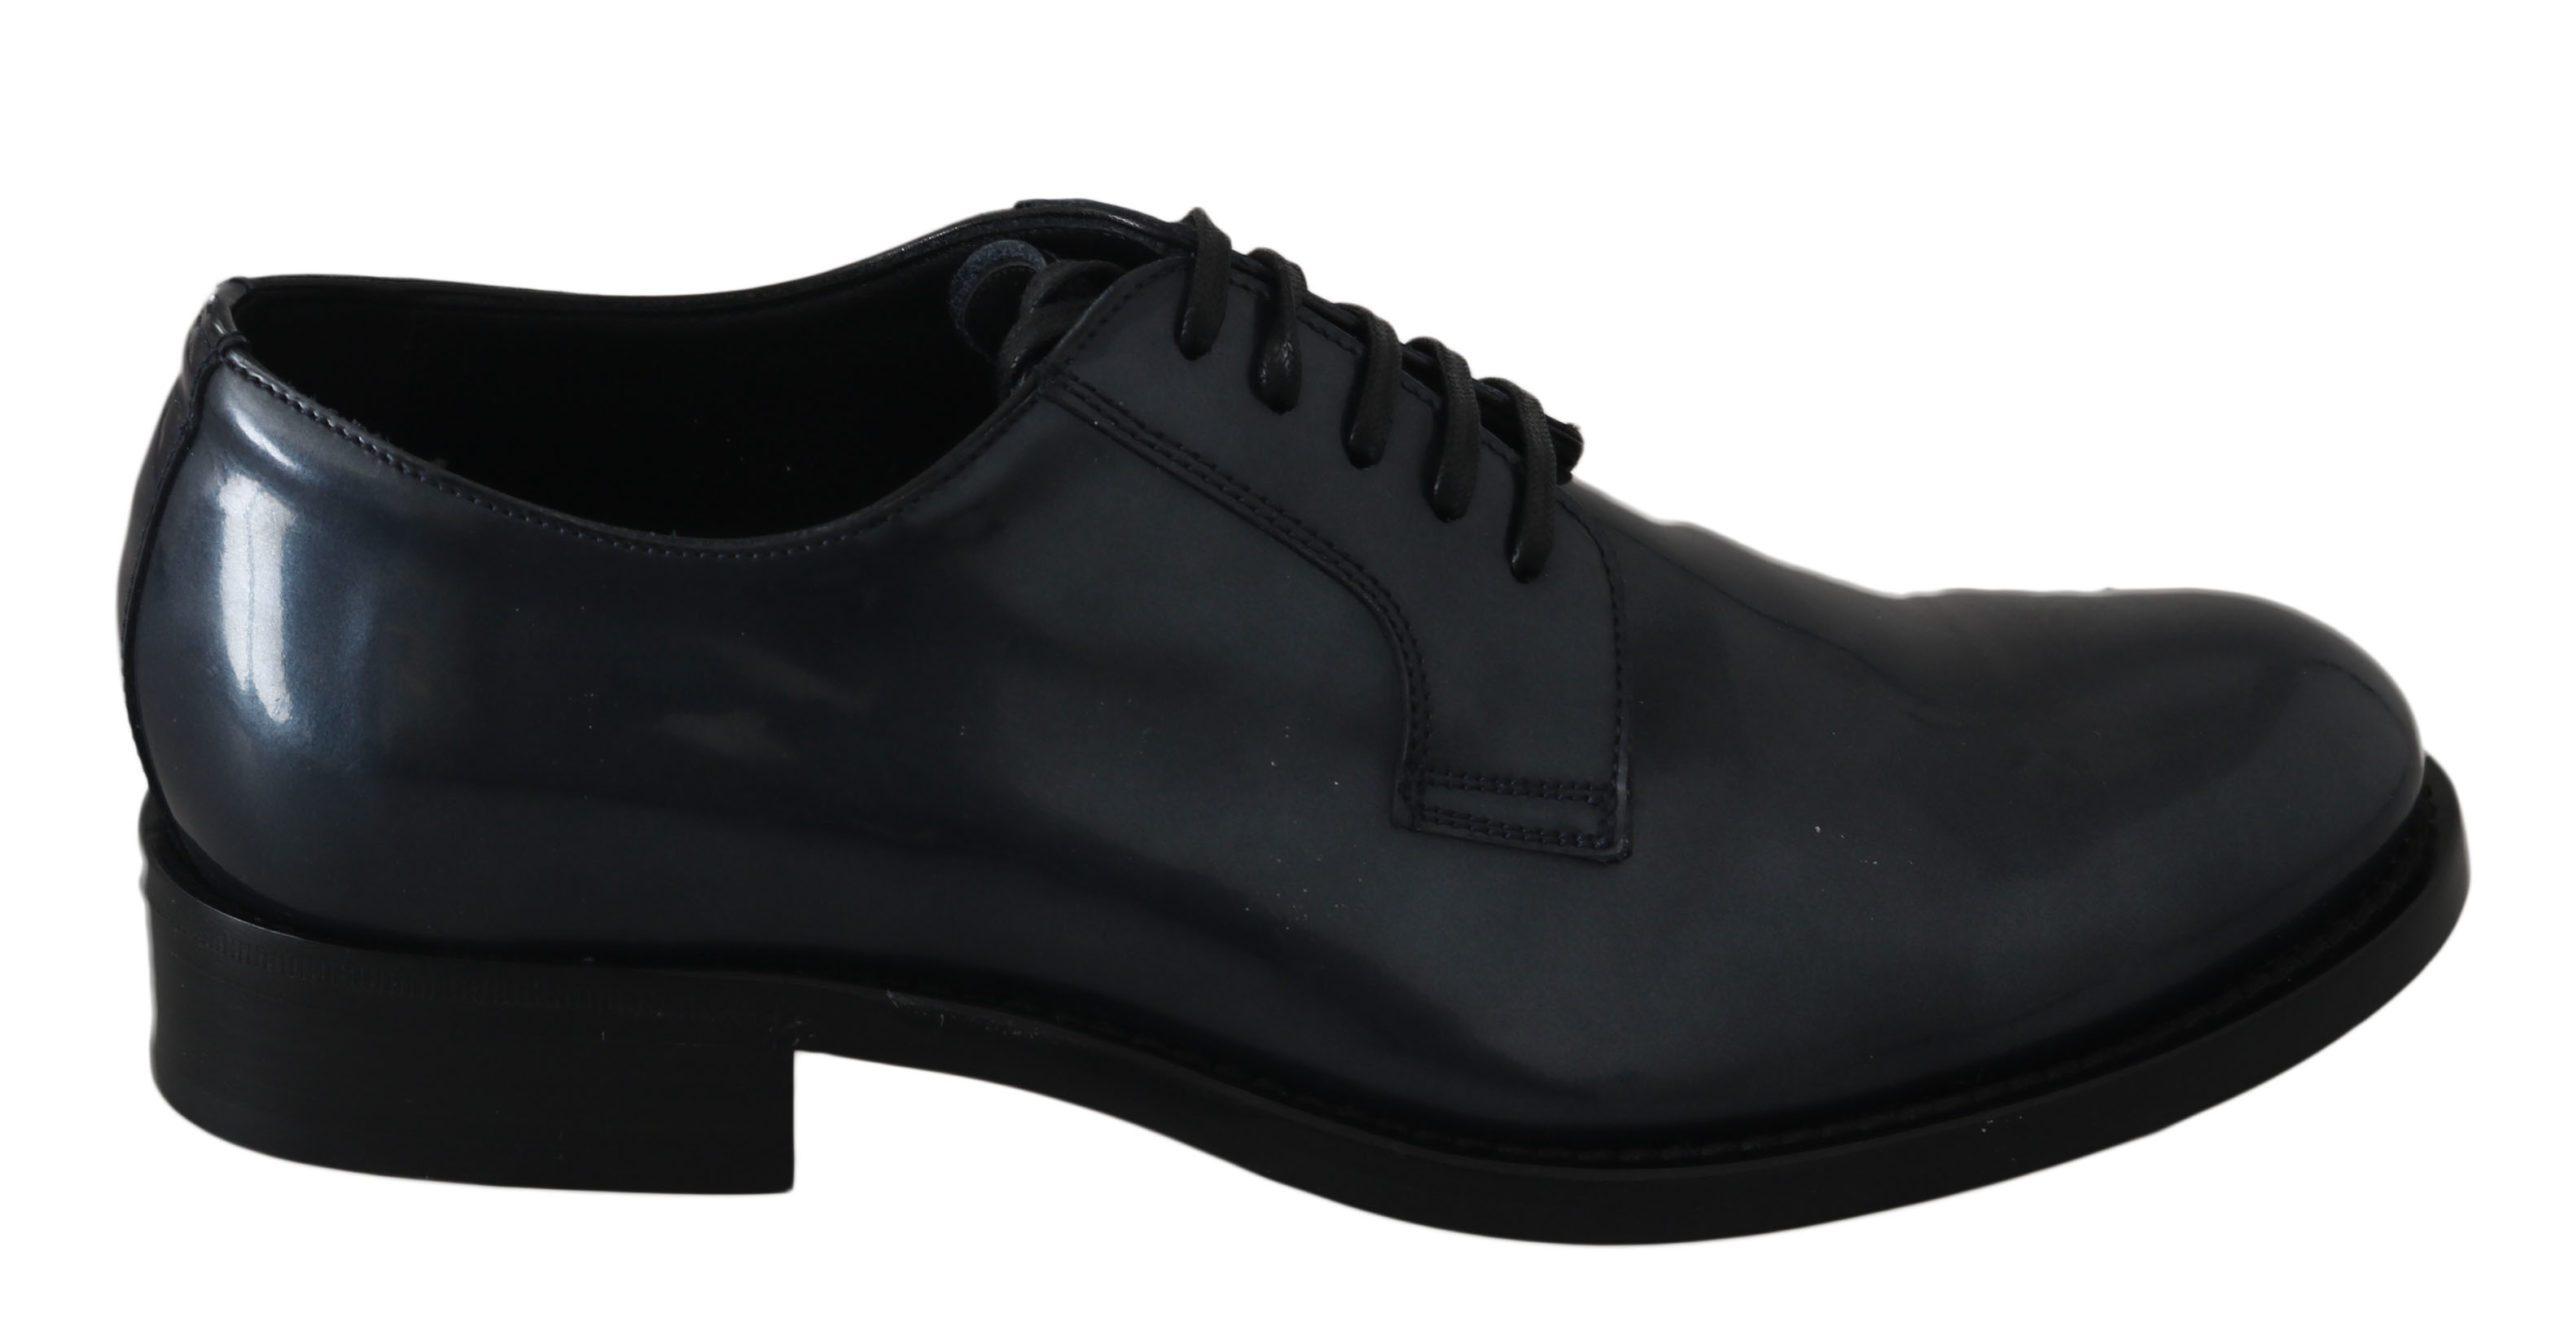 Dolce & Gabbana Men's Leather Derby Shoes Blue MV2436 - EU39/US6